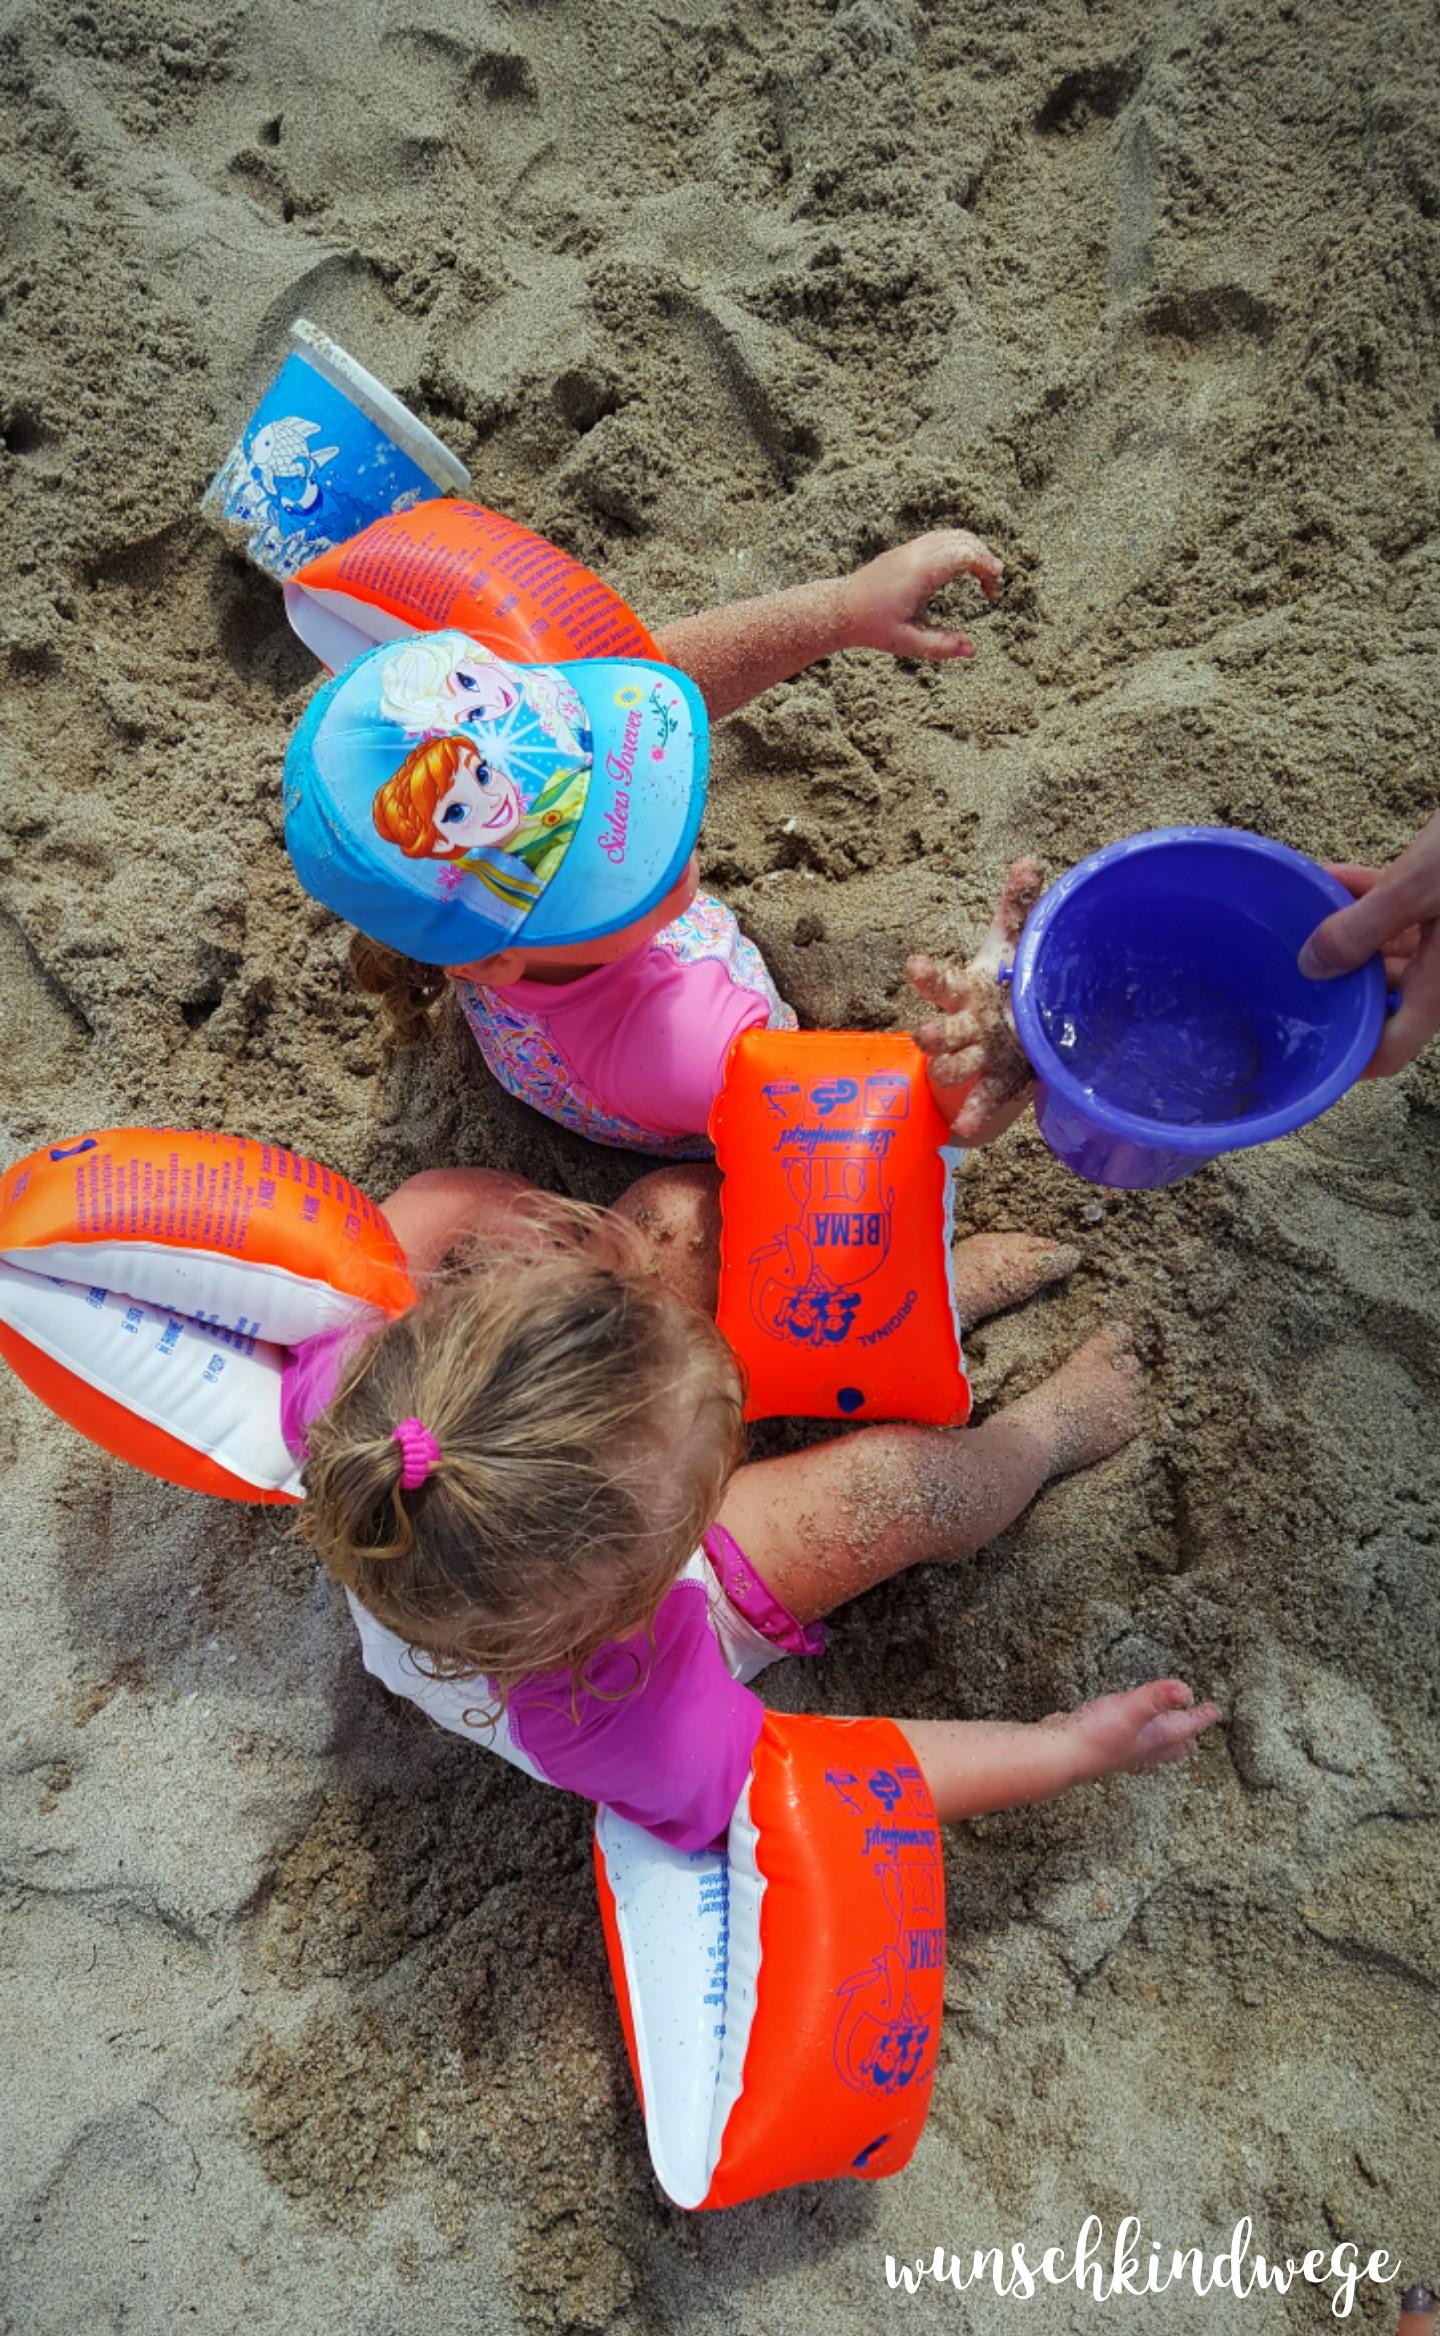 Florida Sandbuddeln